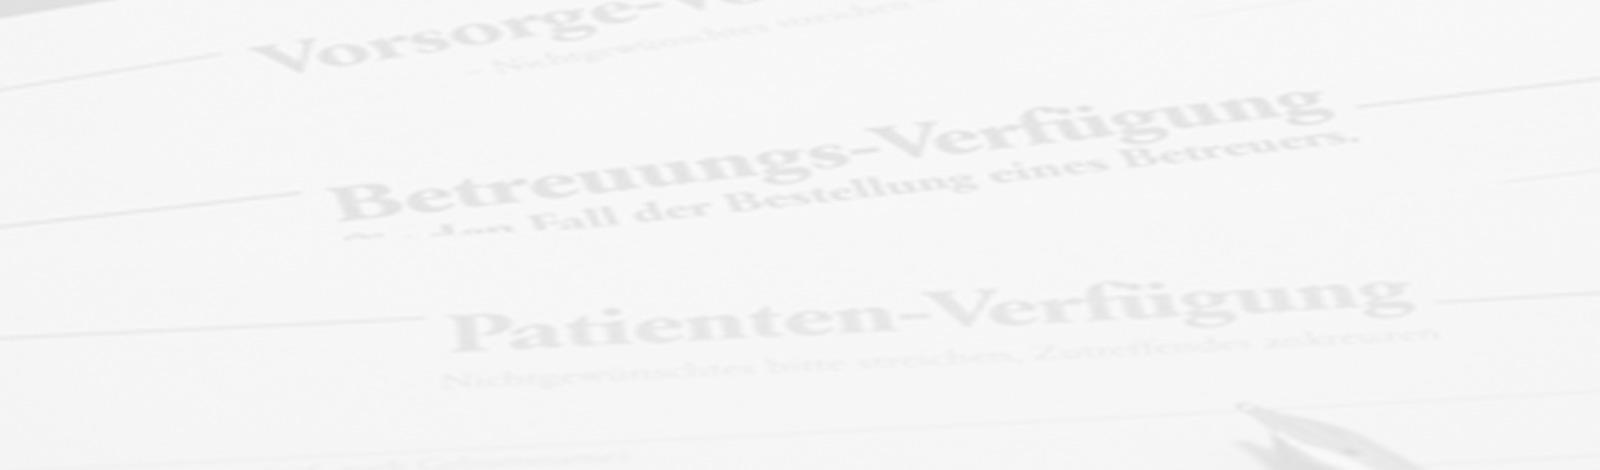 Bestattungshaus Linke- Bestattungsvorsorge Betreuungsverfügung